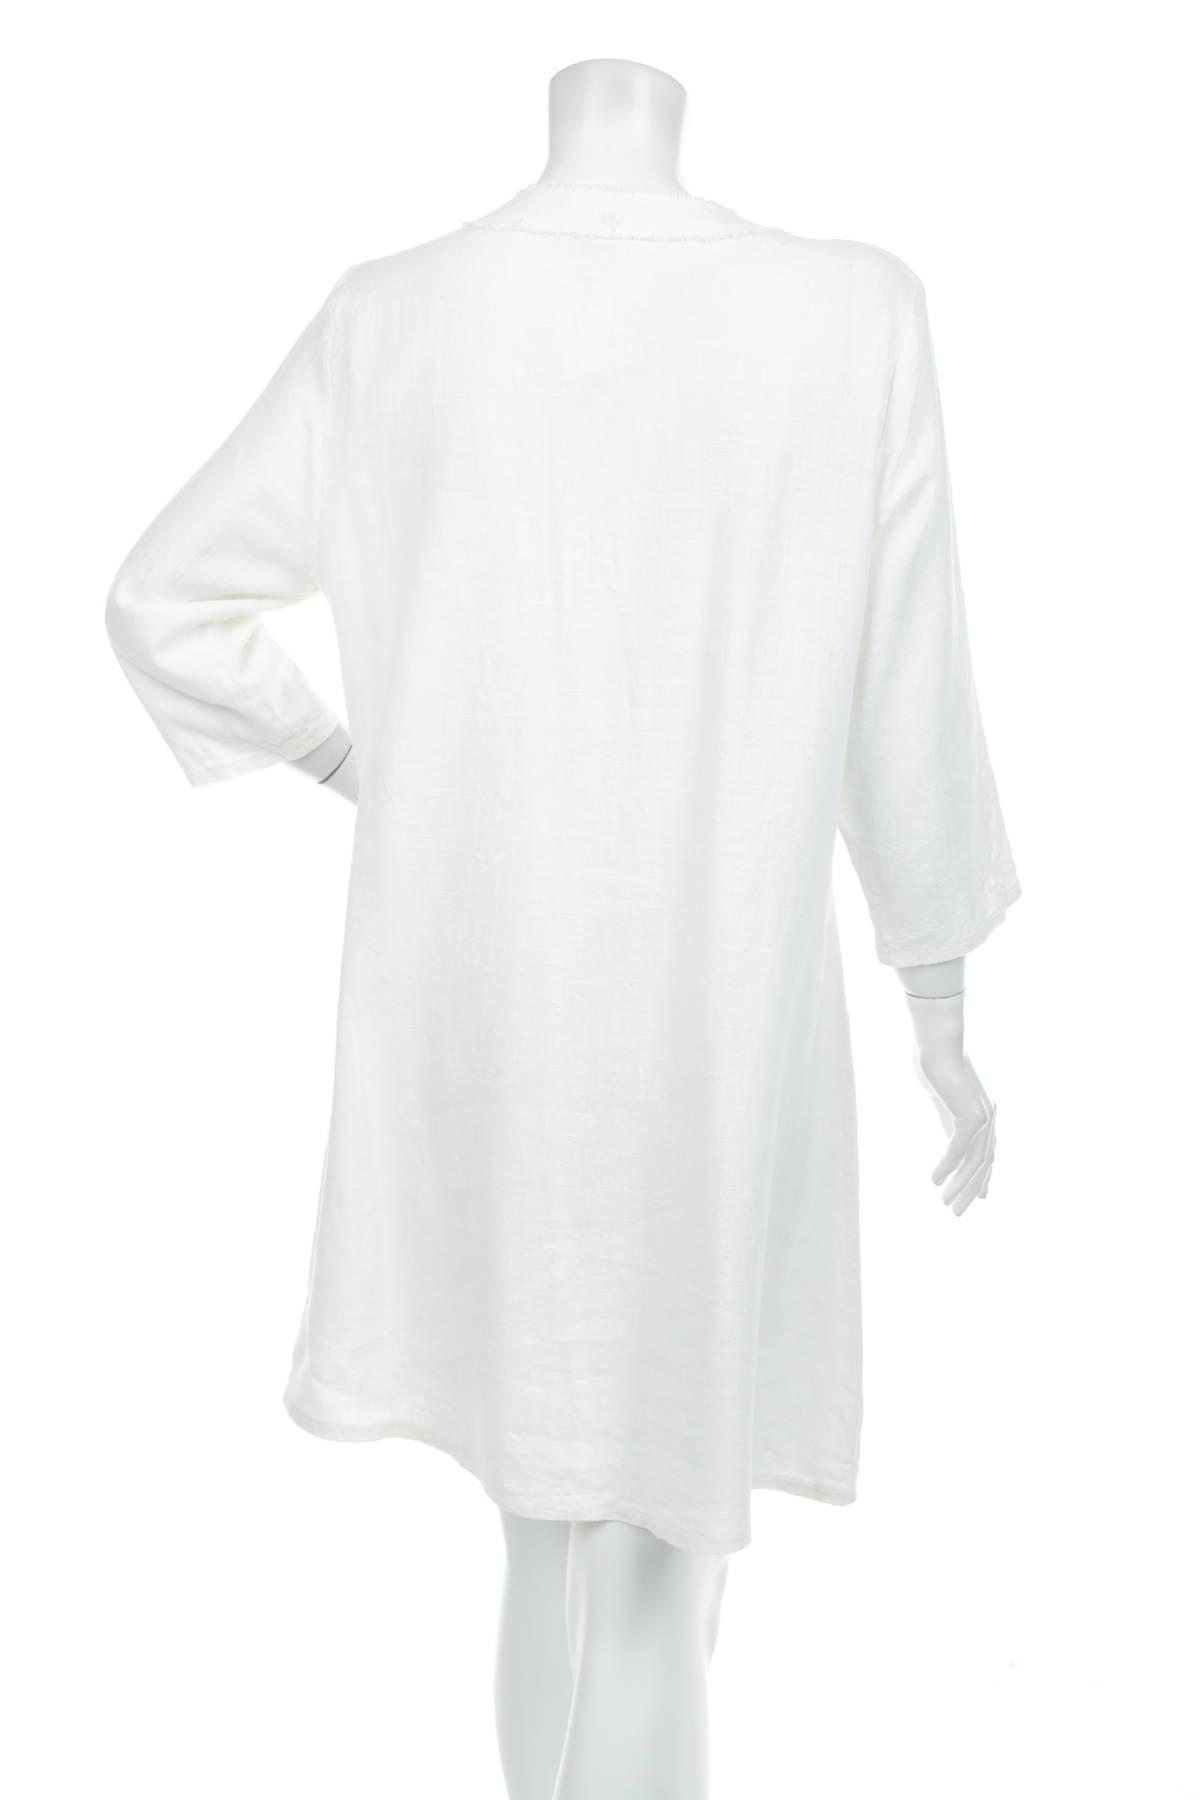 Ежедневна рокля SEGAL2